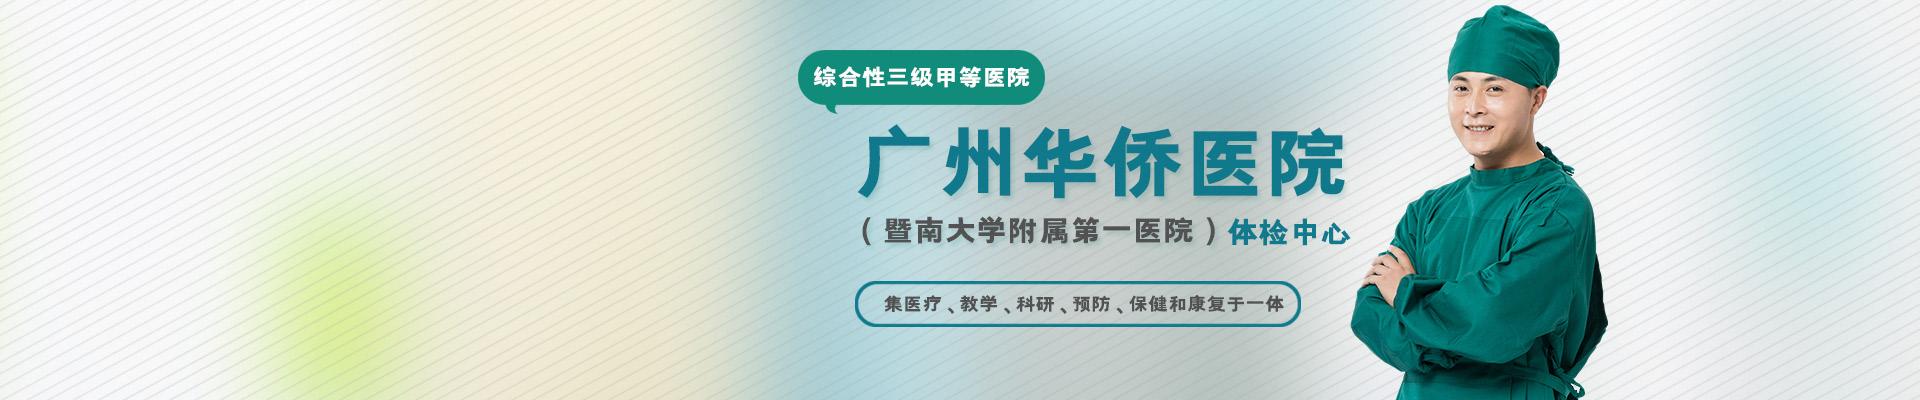 广州华侨医院(暨南大学附属第一医院)体检中心PC